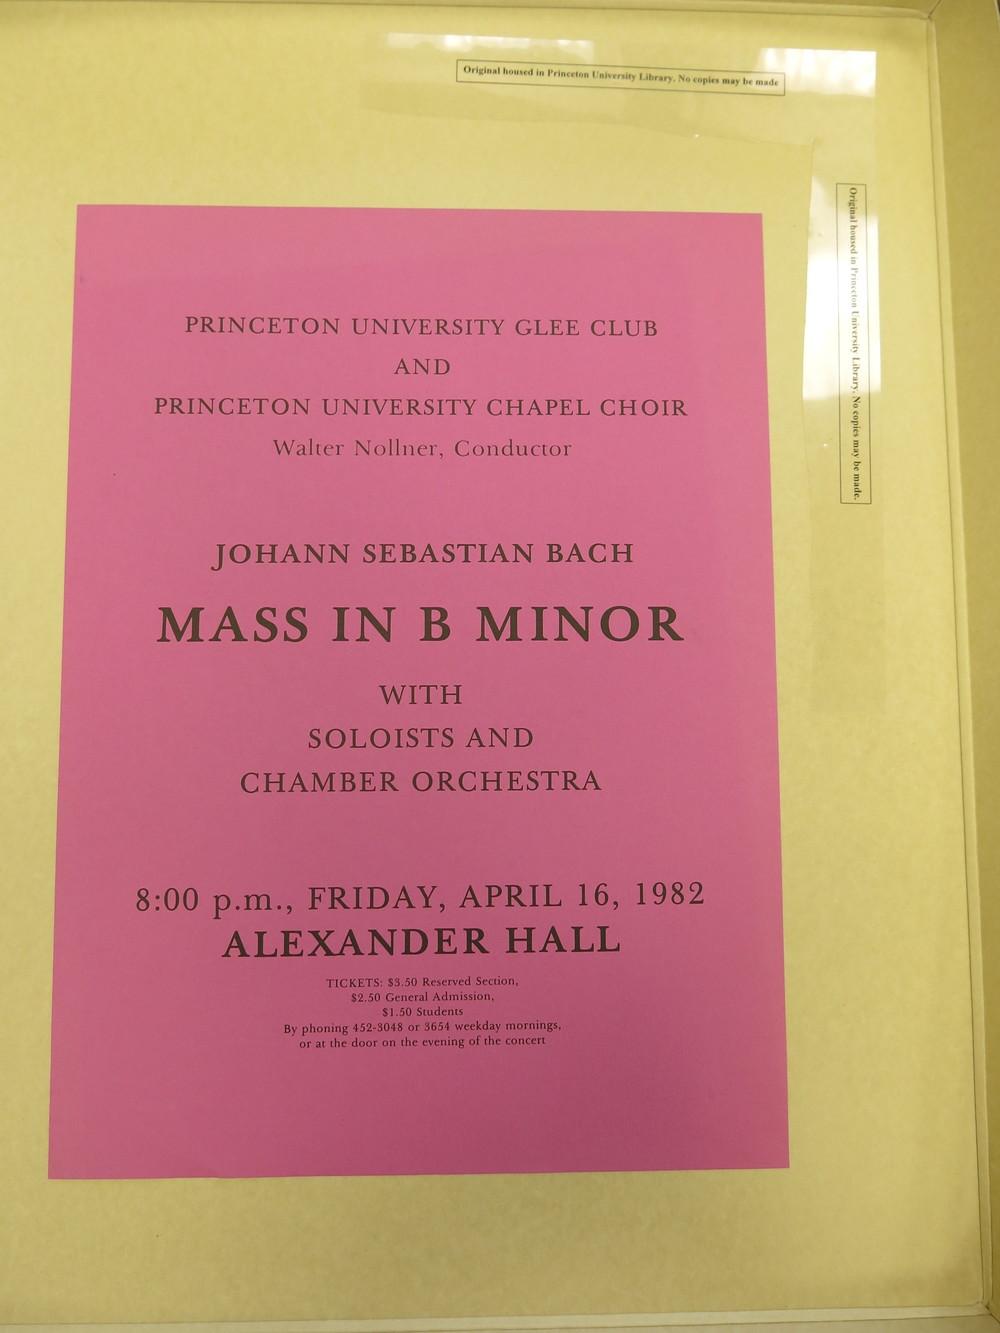 Bach B minor mass 1982 program.jpeg